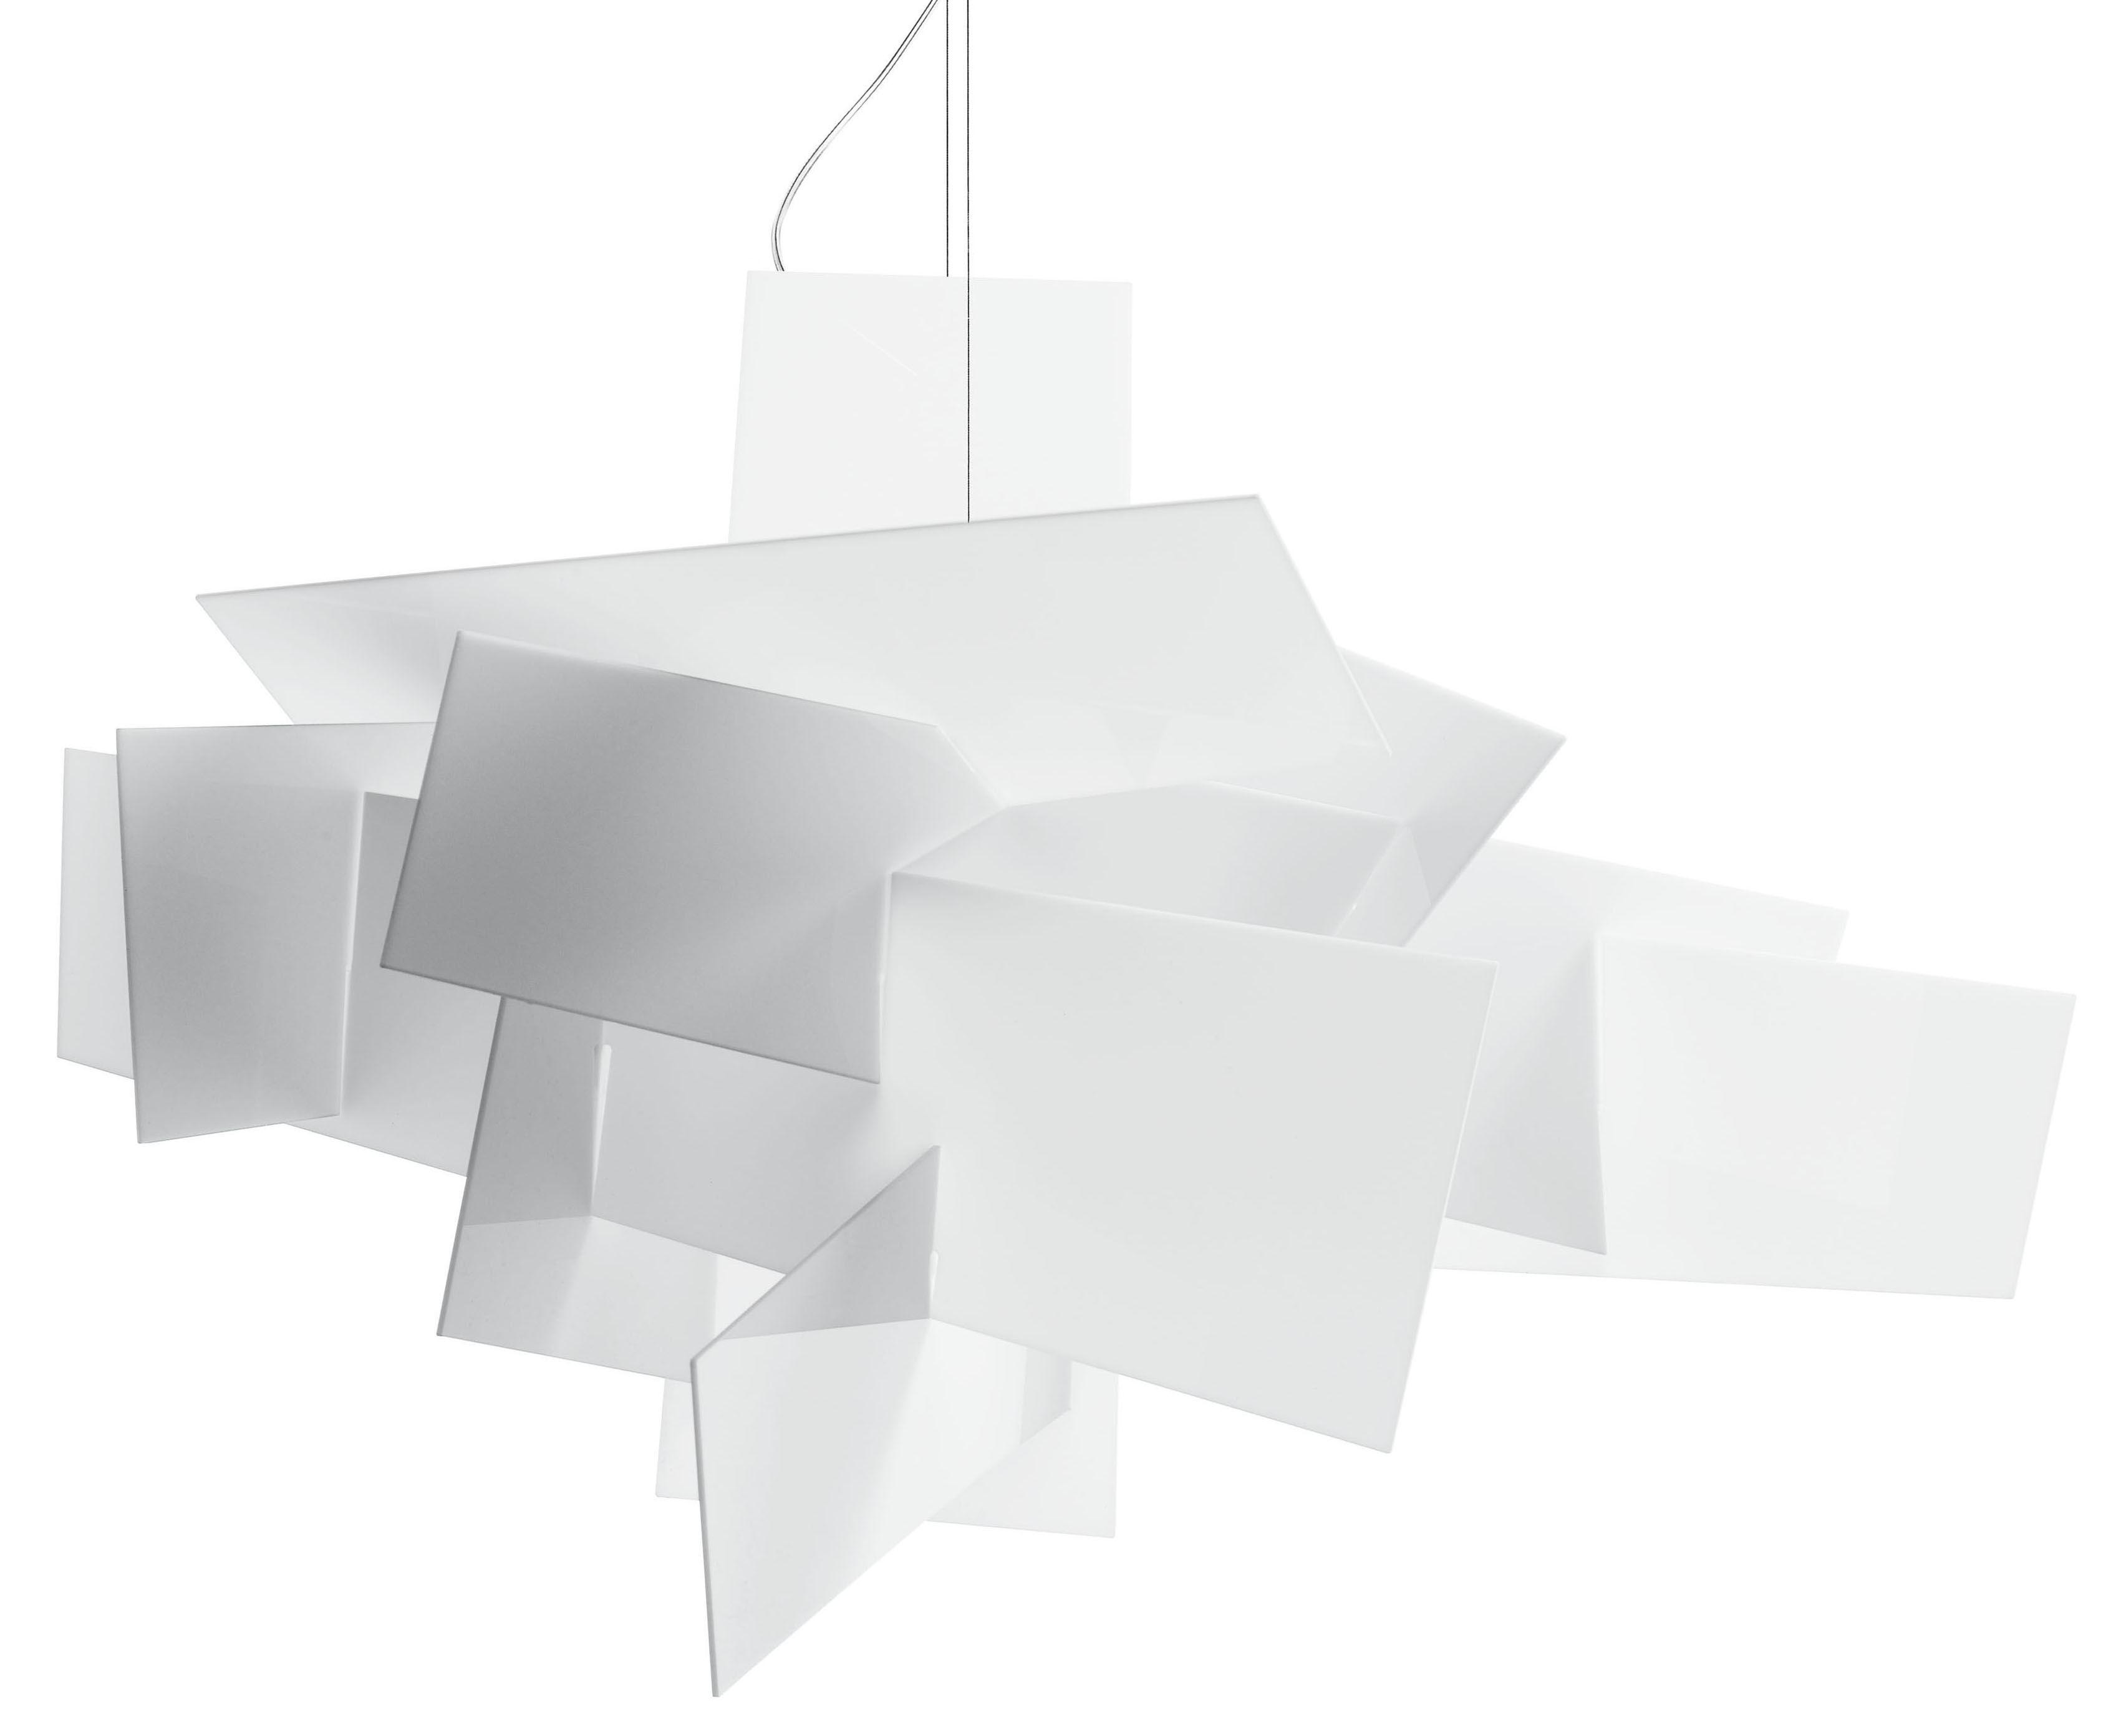 Leuchten - Pendelleuchten - Big Bang Pendelleuchte Ø 96 cm - Foscarini - Weiß - Methacrylate